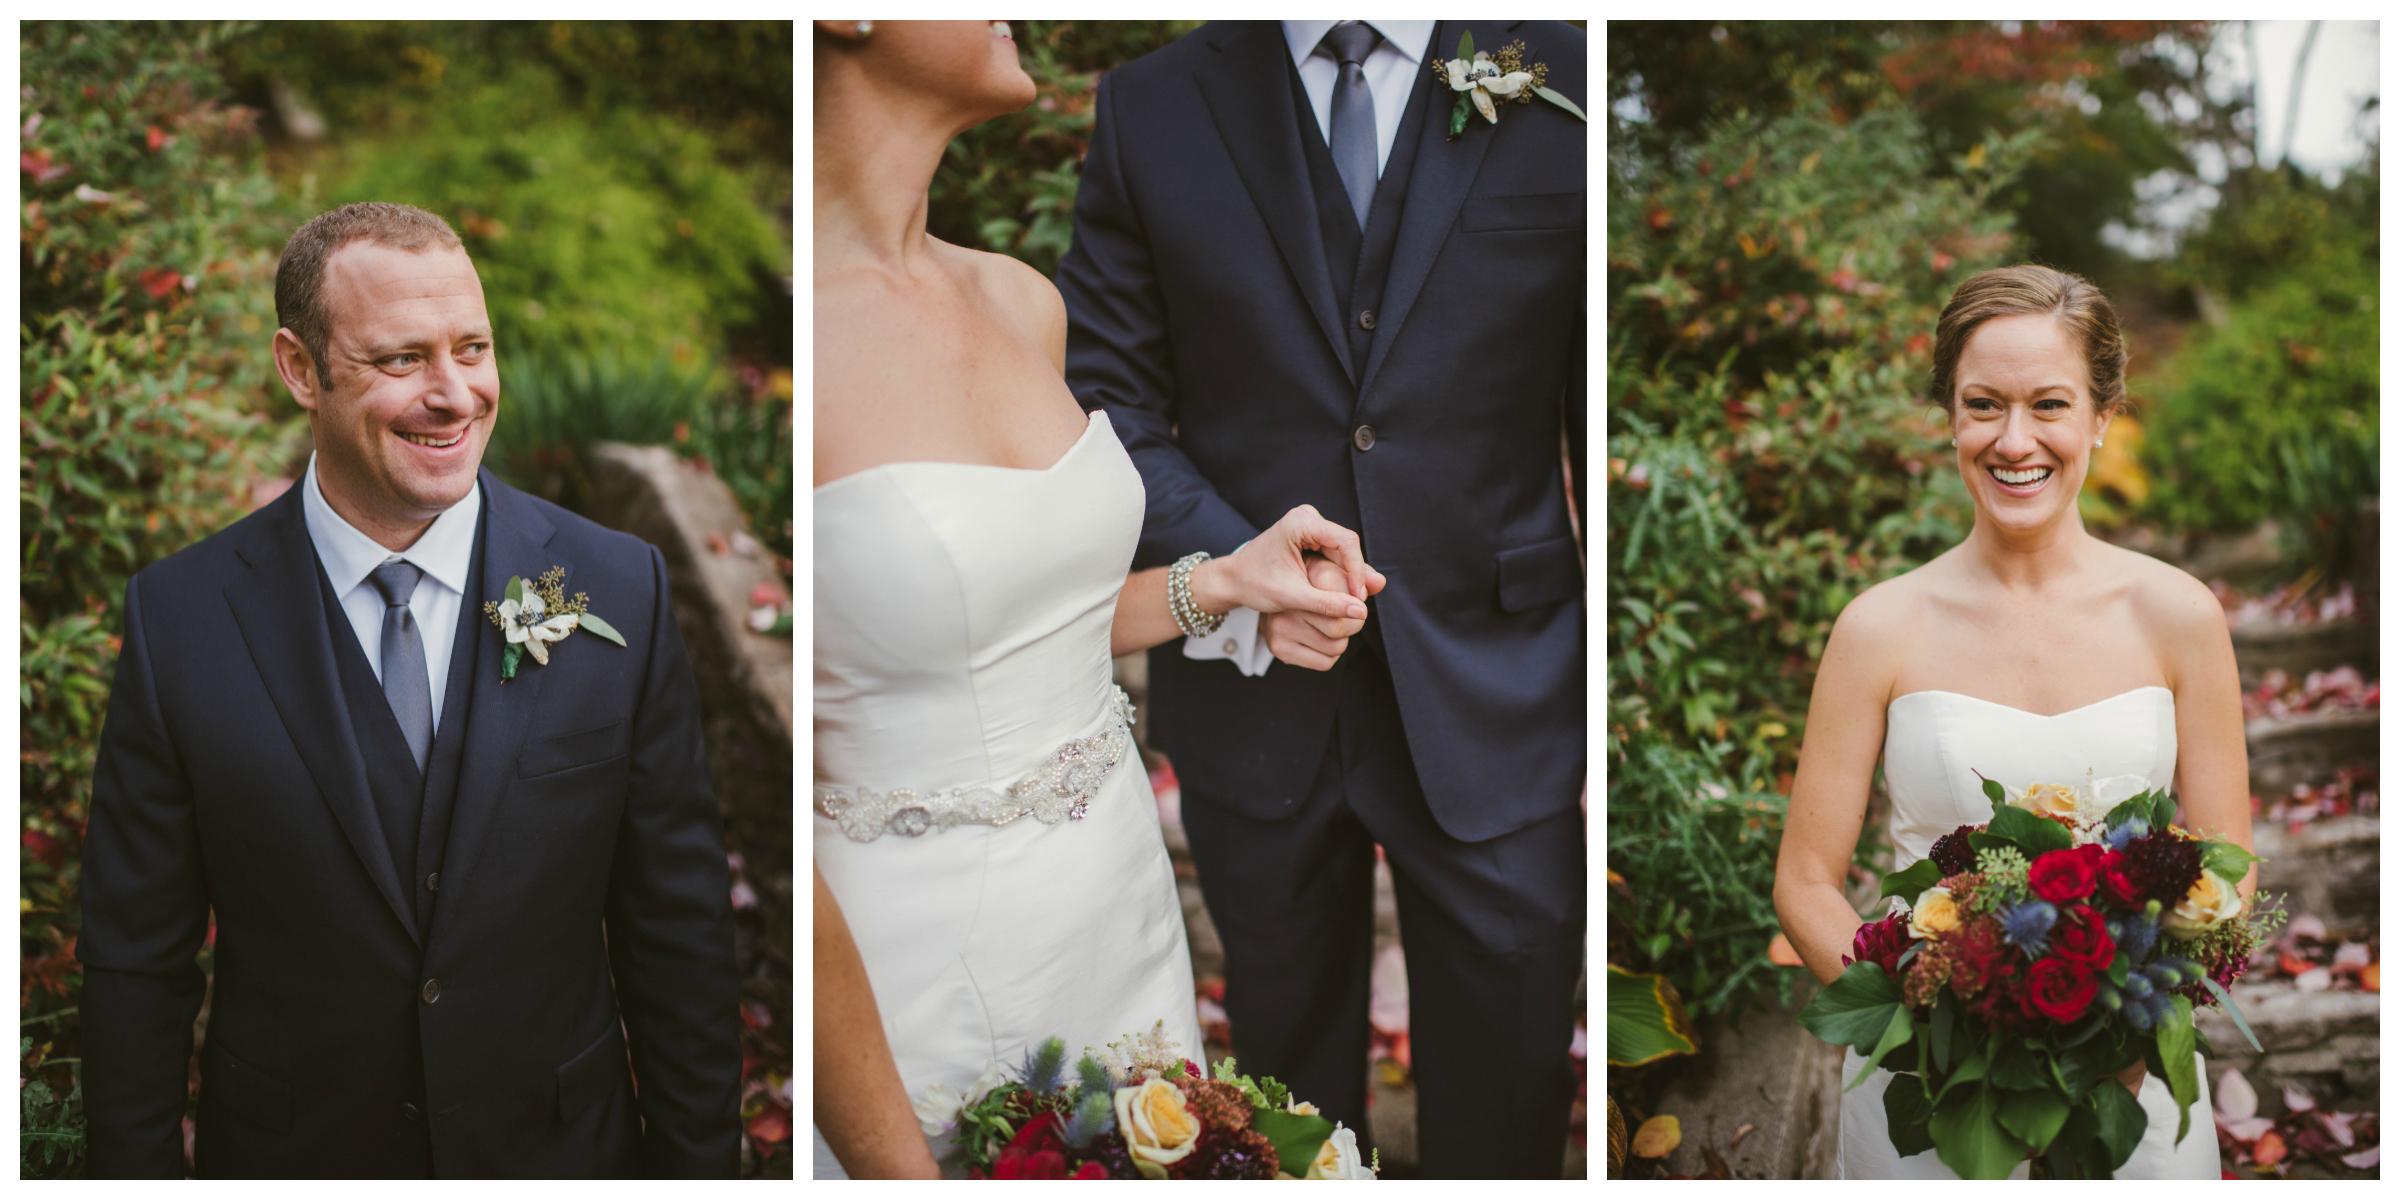 BROOKMILL FARM FALL WEDDING - TWOTWENTY by CHI-CHI AGBIM - PIC STITCH 11.jpg